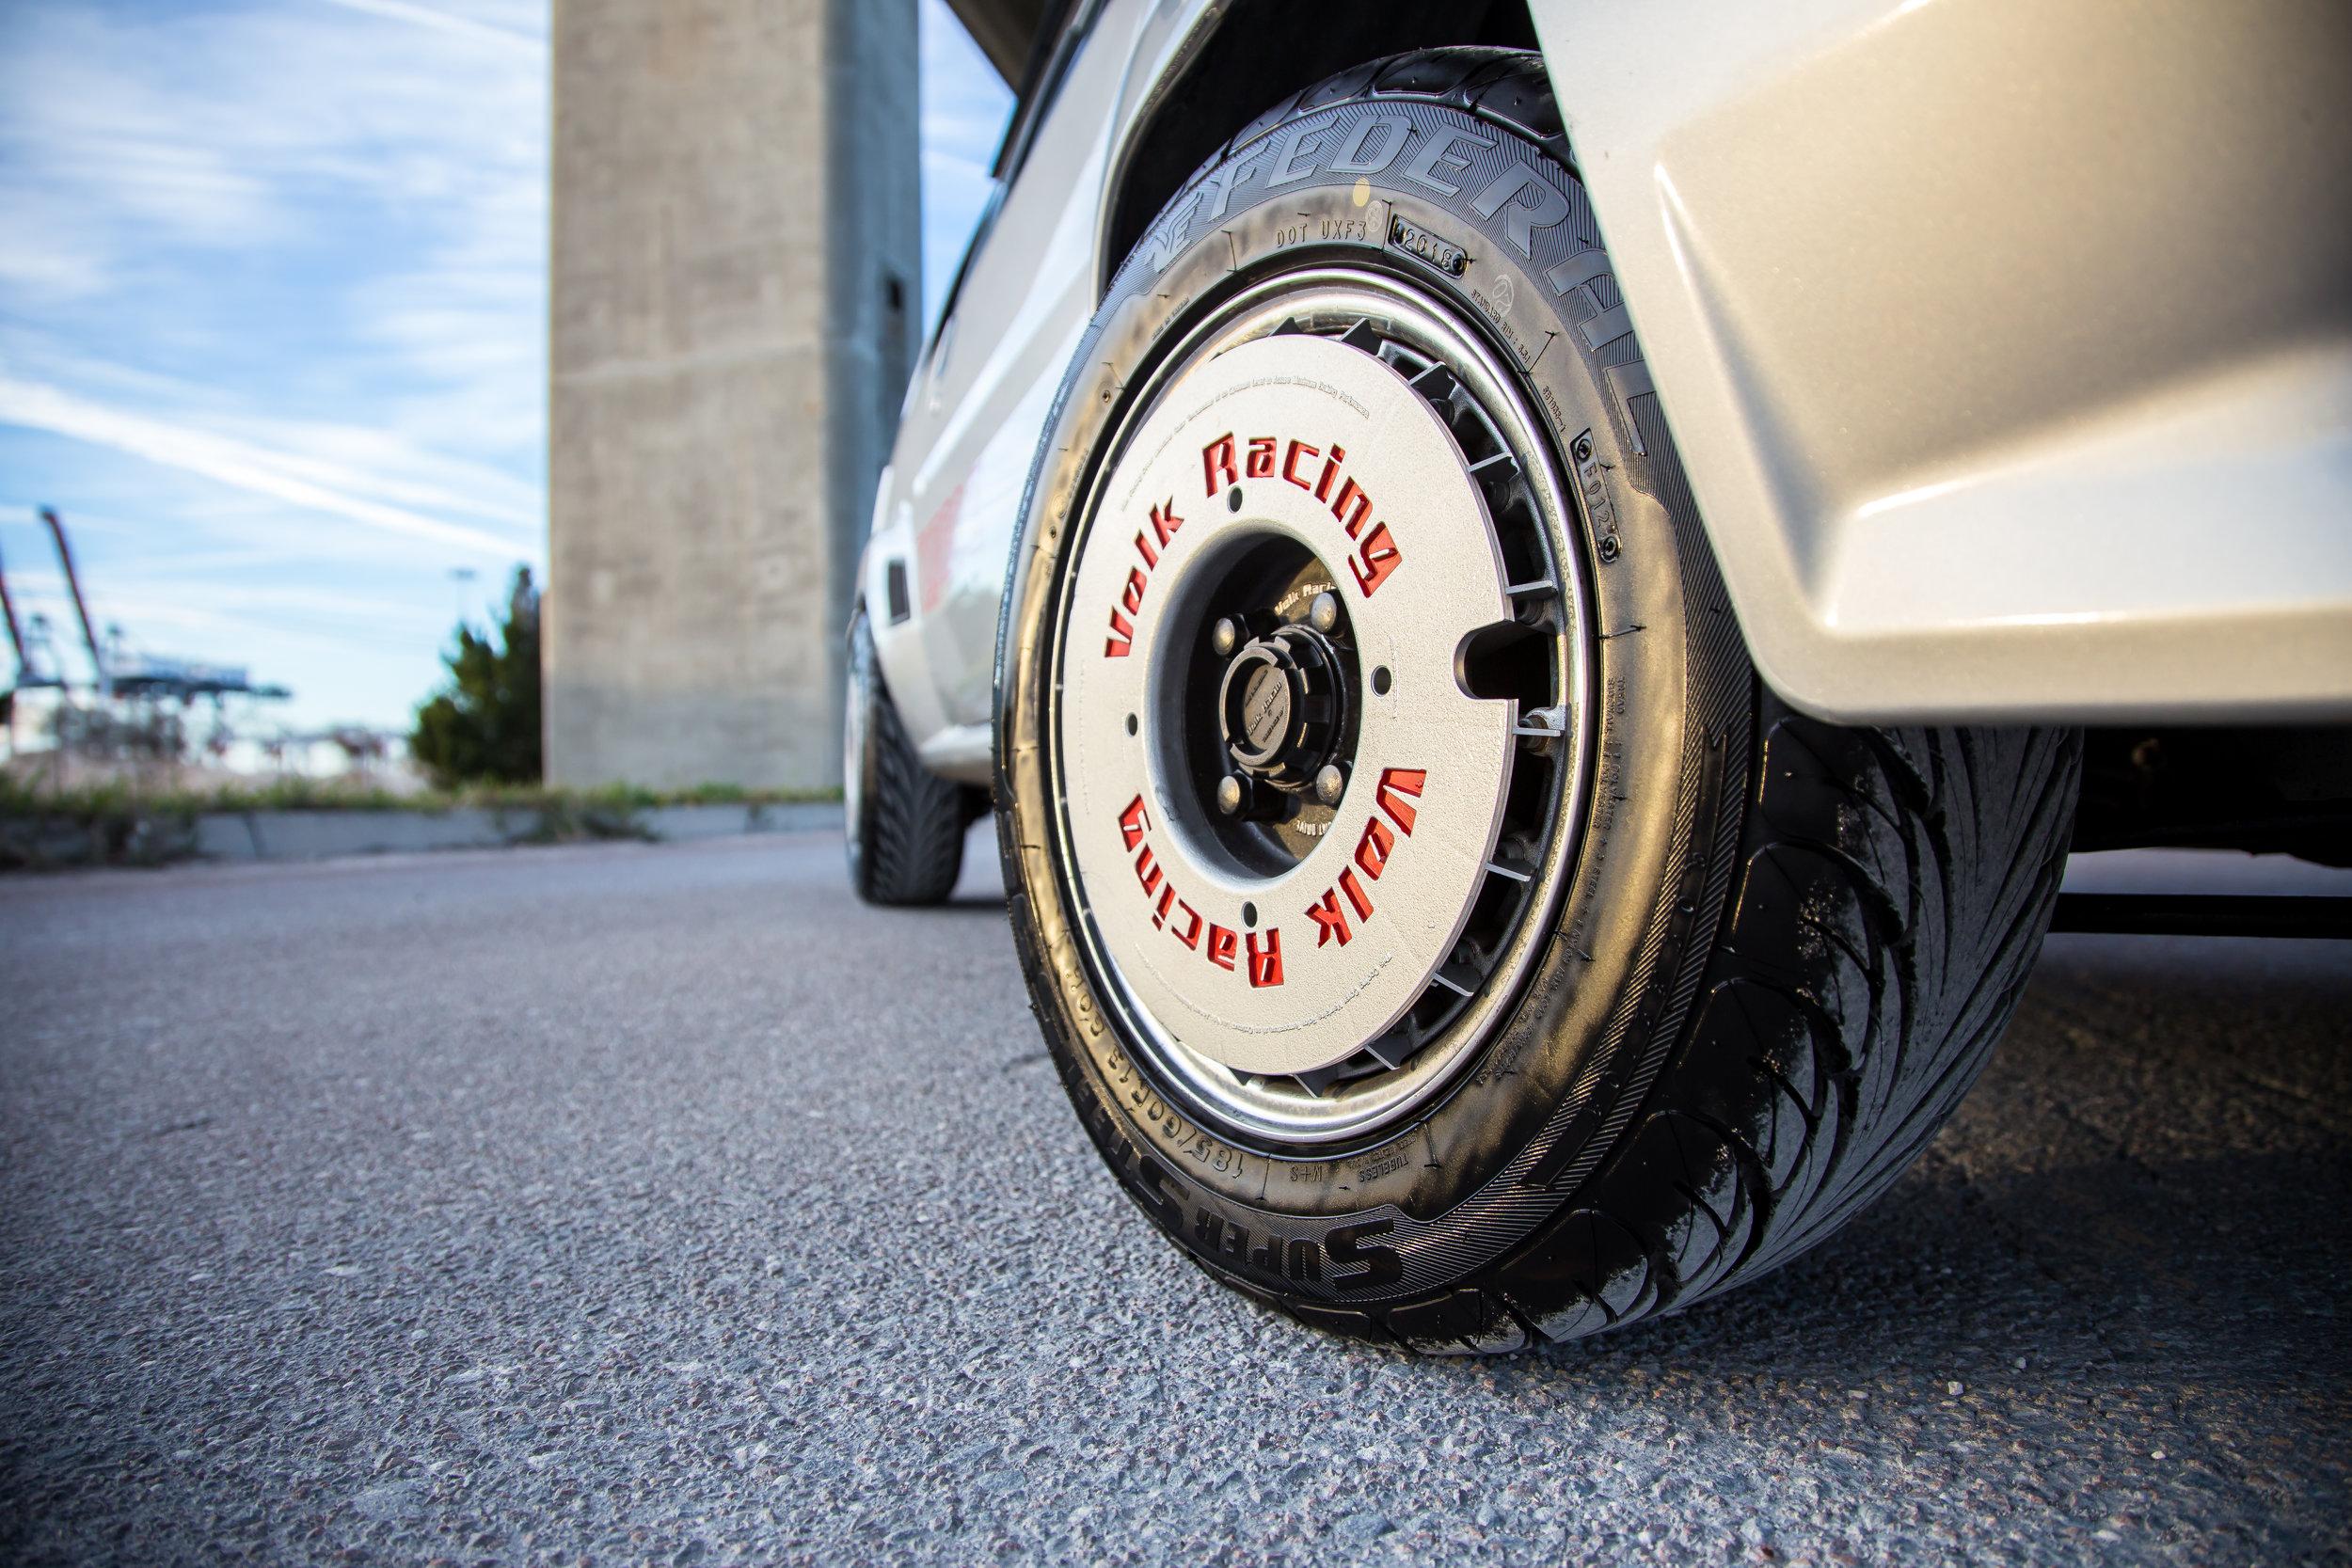 1983-honda-city-turbo-ii--motocompo_46384180471_o.jpg